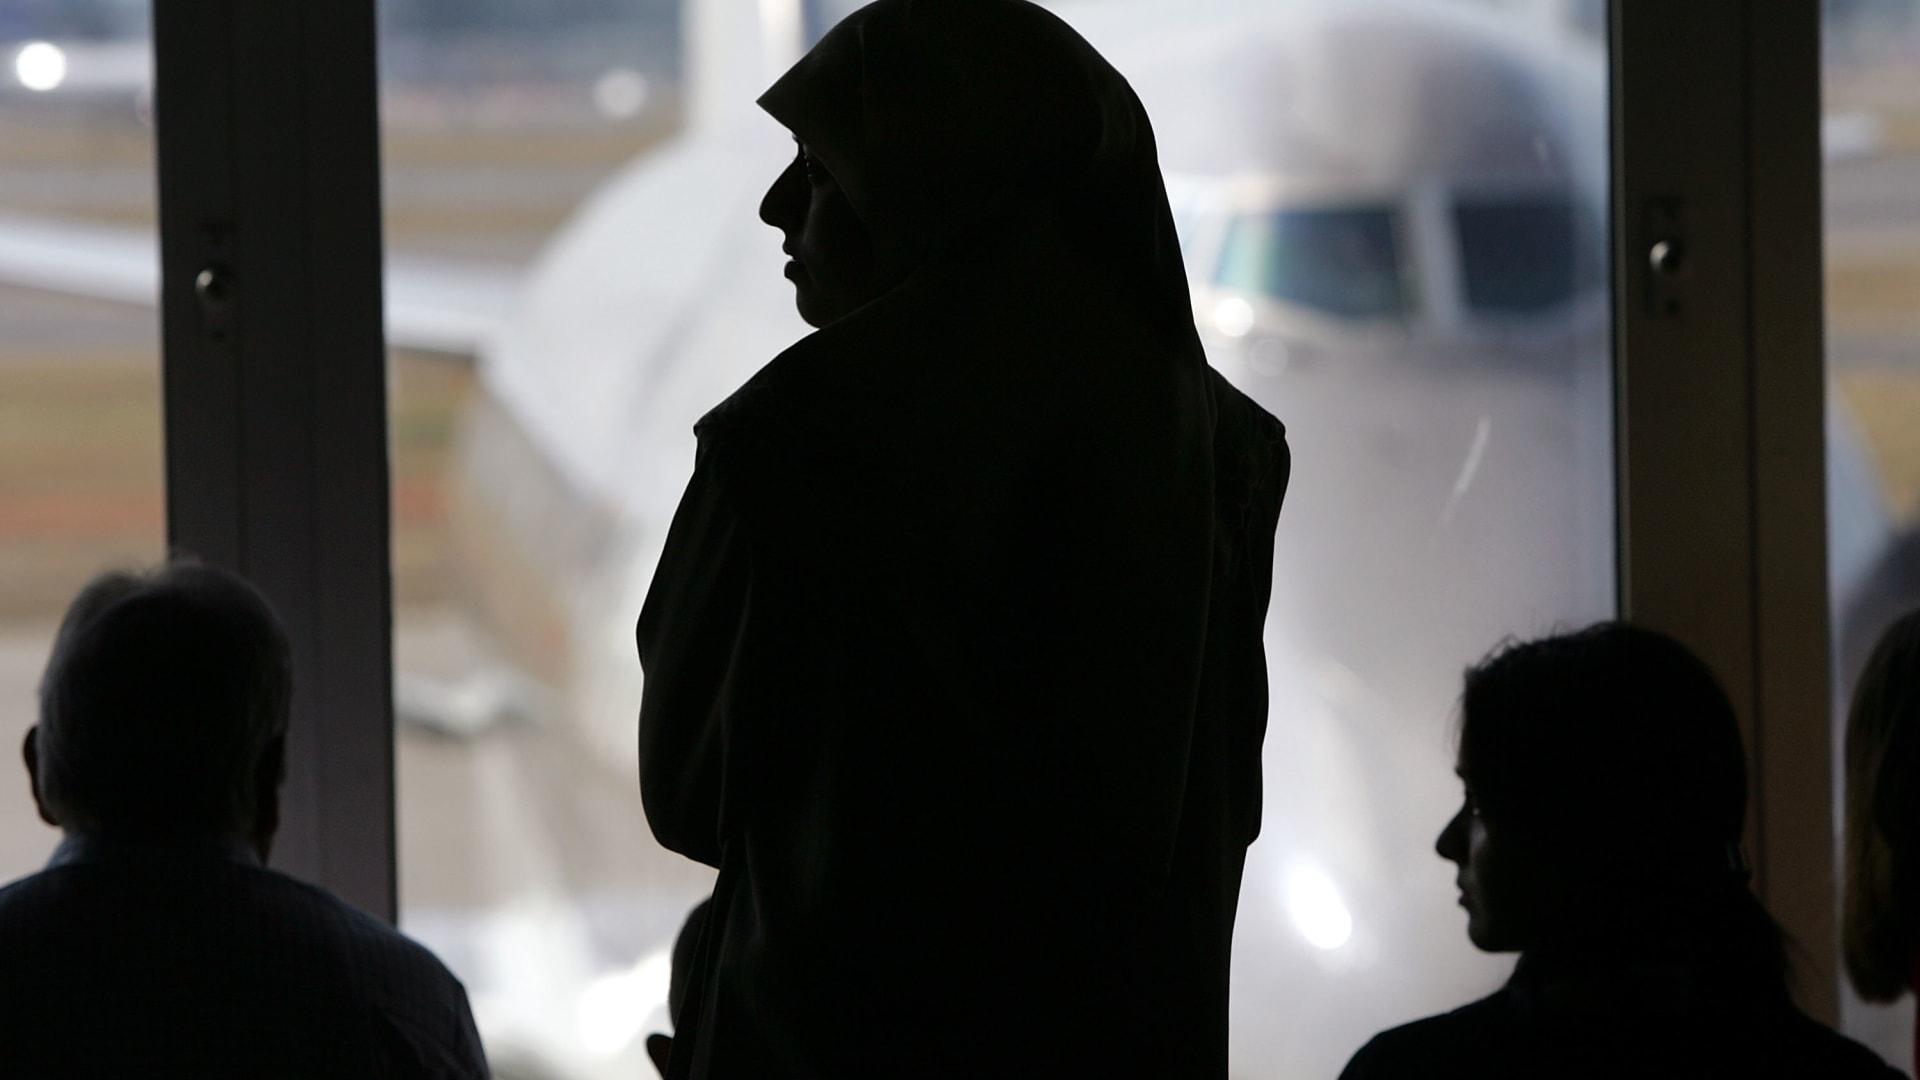 """بالفيديو.. اتهامات لترامب بـ""""العنصرية"""" بعد دعوته لمنع المسلمين من دخول أمريكا"""